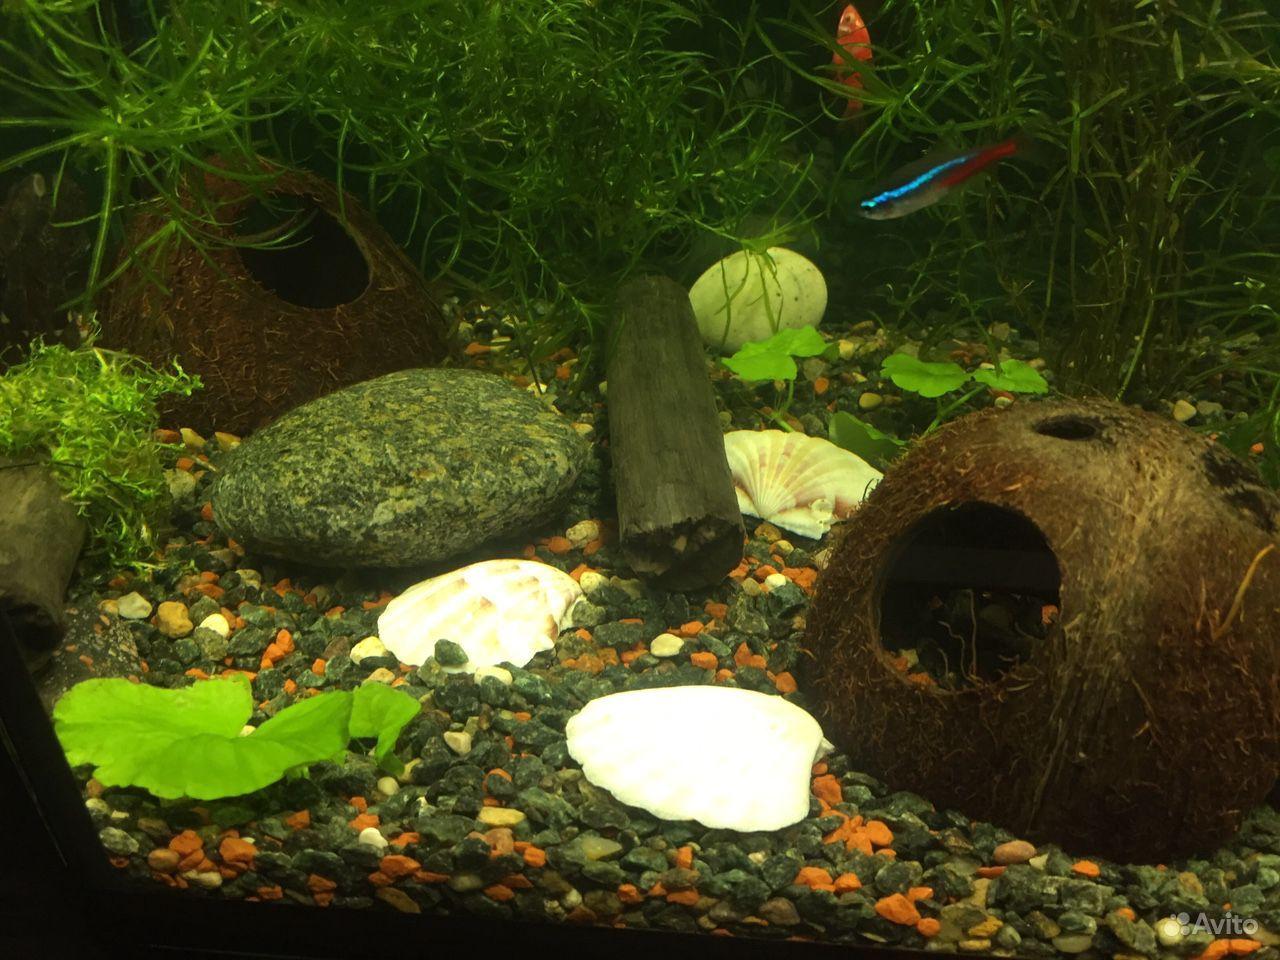 Декорации для аквариума купить на Зозу.ру - фотография № 3